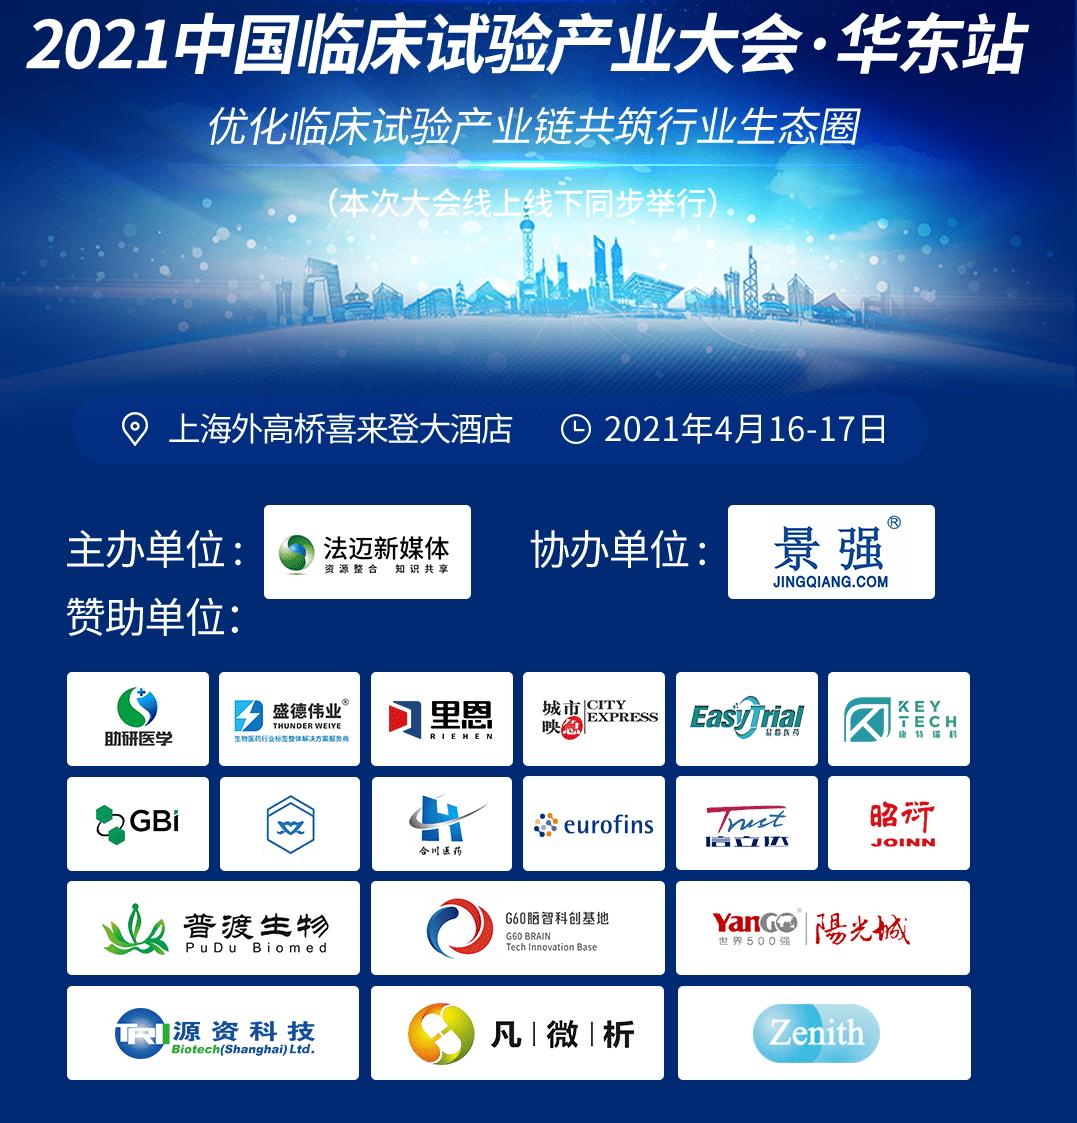 欢迎参与2021中国临床试验产业大会.华东站